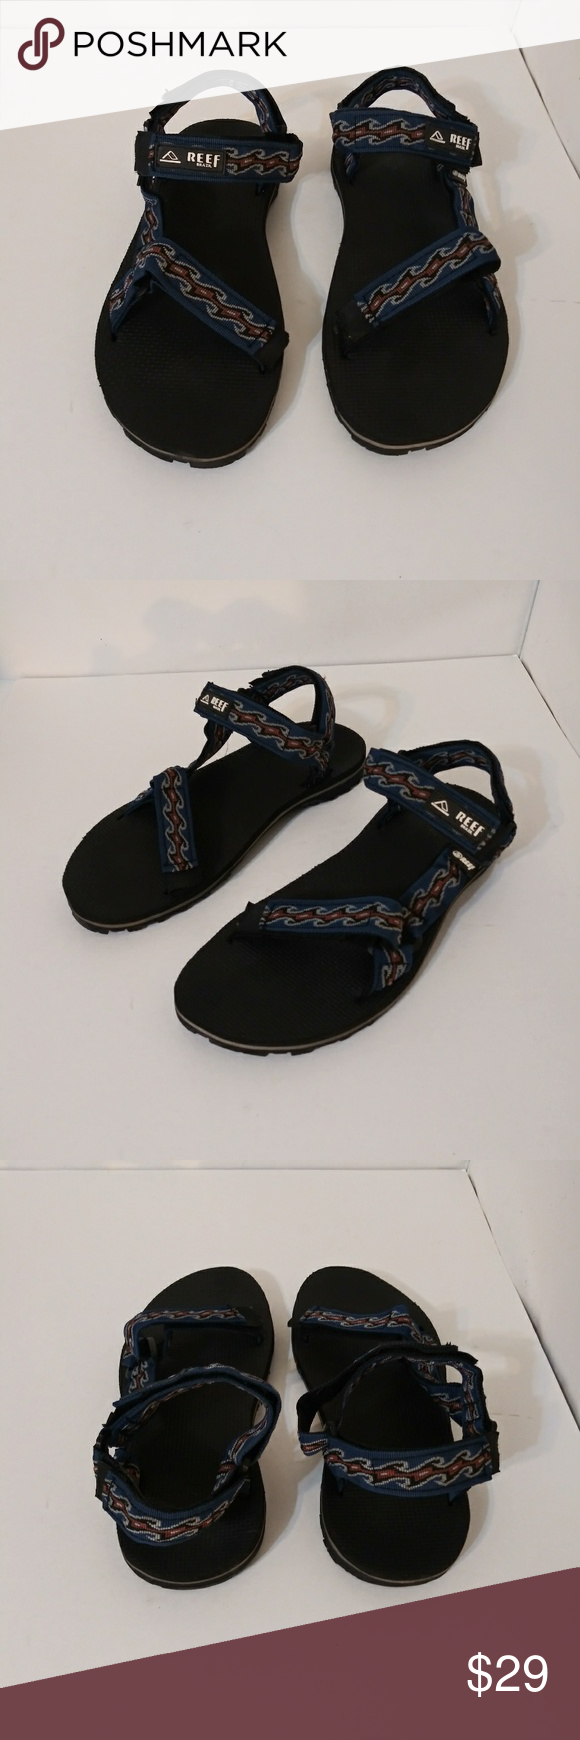 Sandals, Reef shoes, Flip flop sandals